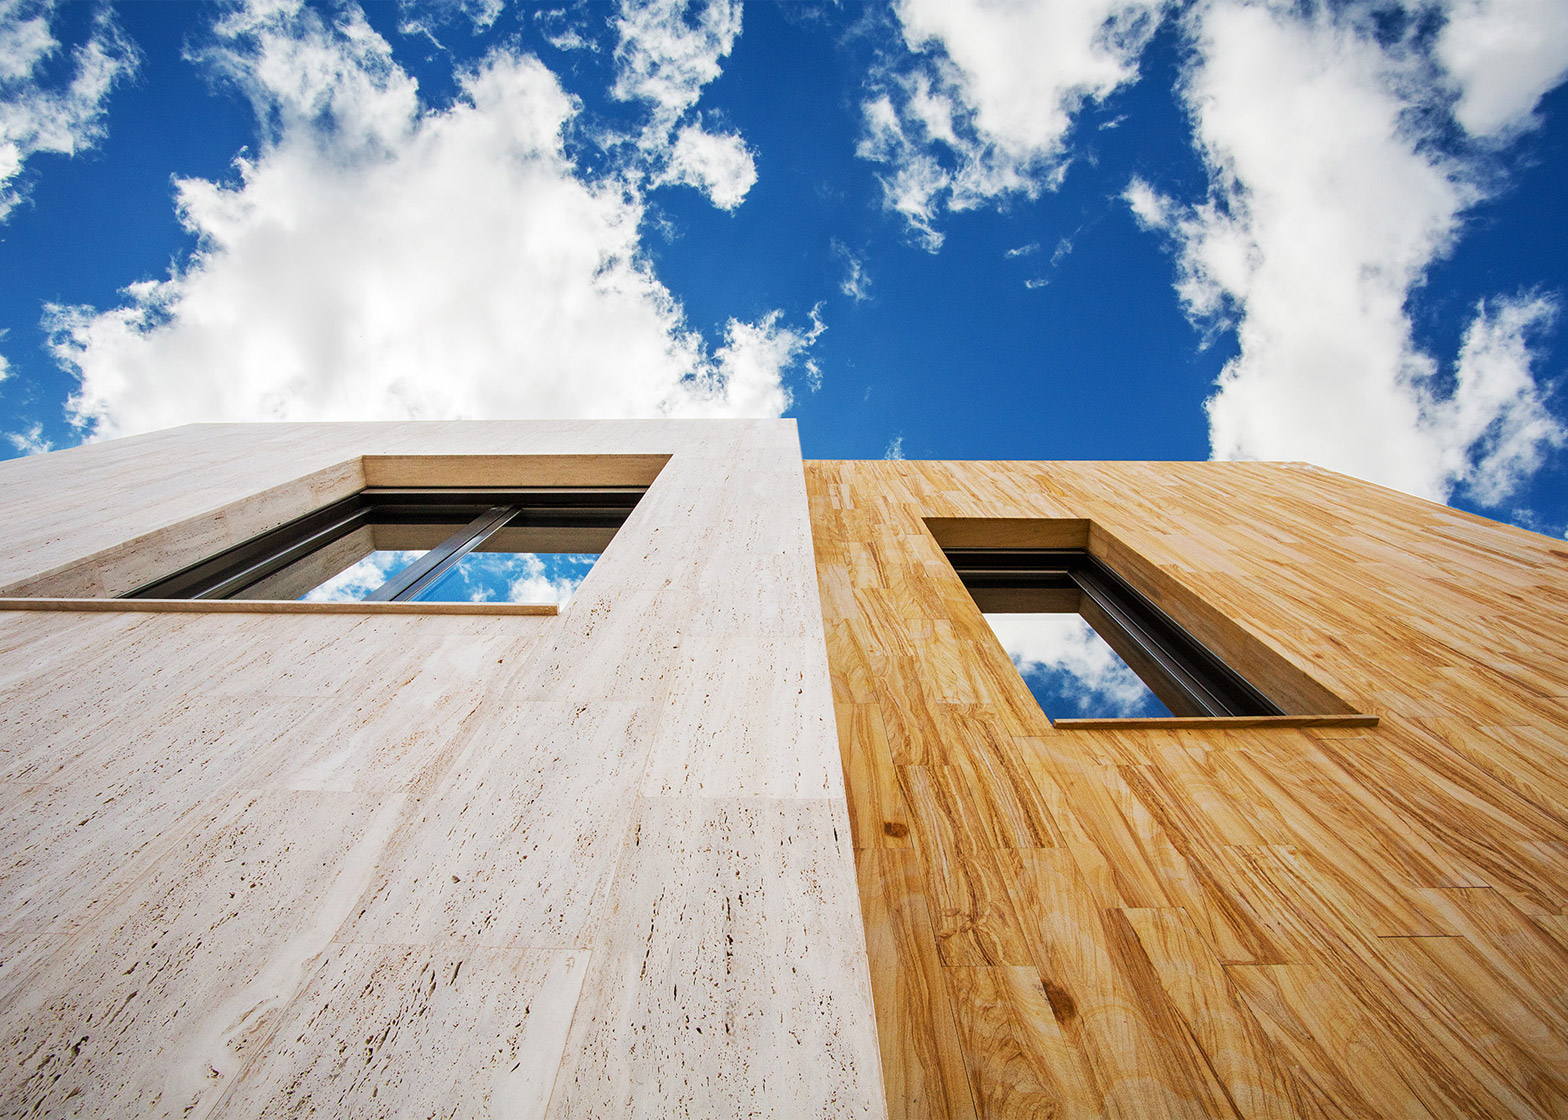 edificio mineral r + spagna rivestimenti esterni arenaria travertino ooiio architettura